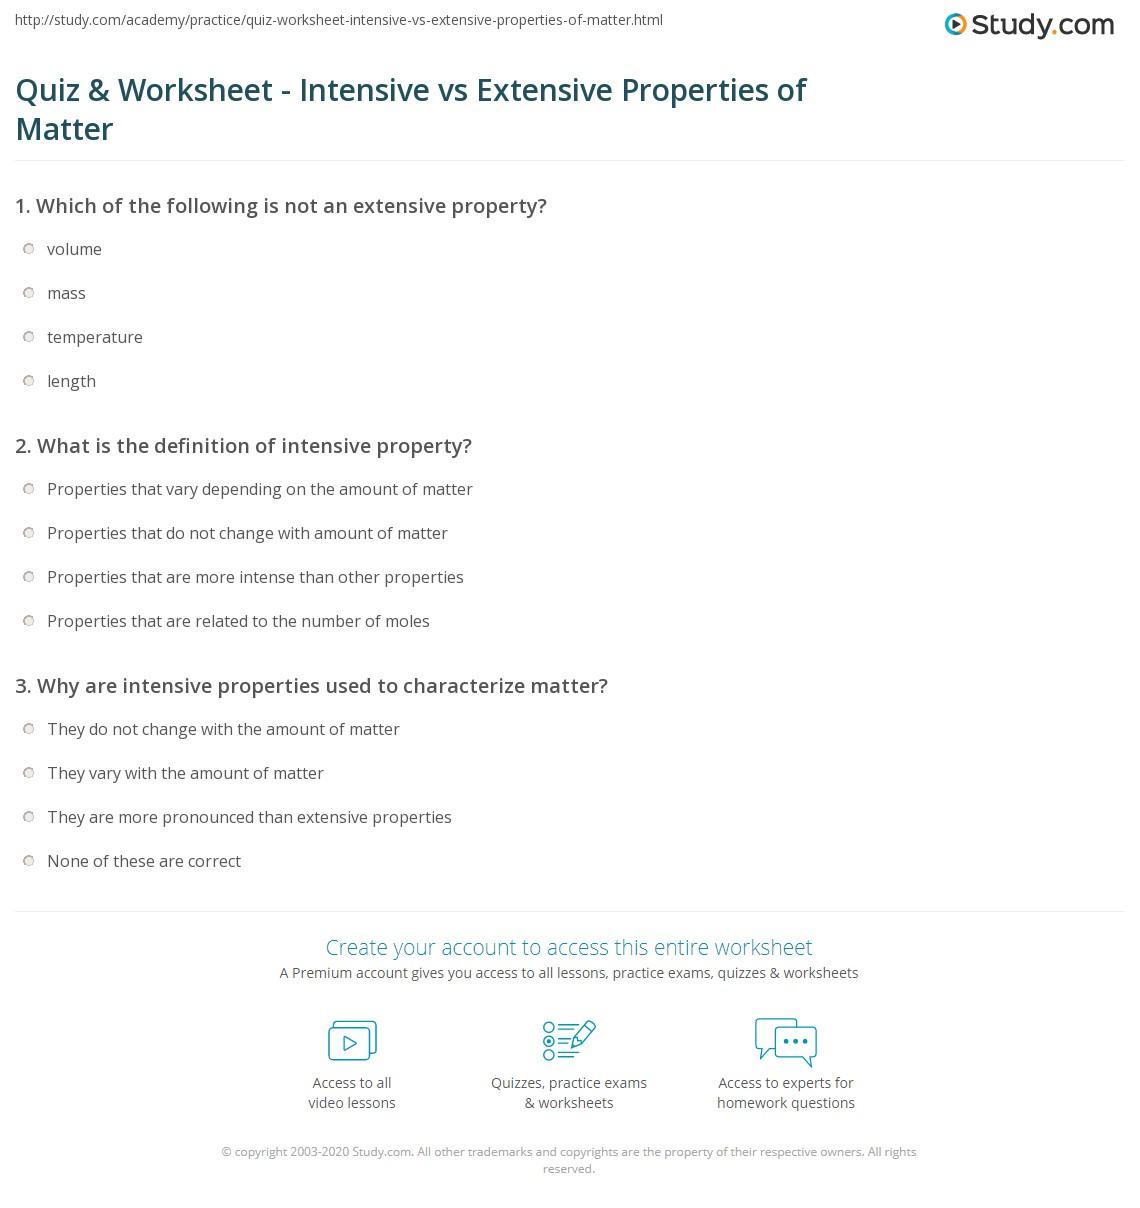 Intensive vs Extensive Properties Flashcards | Quizlet